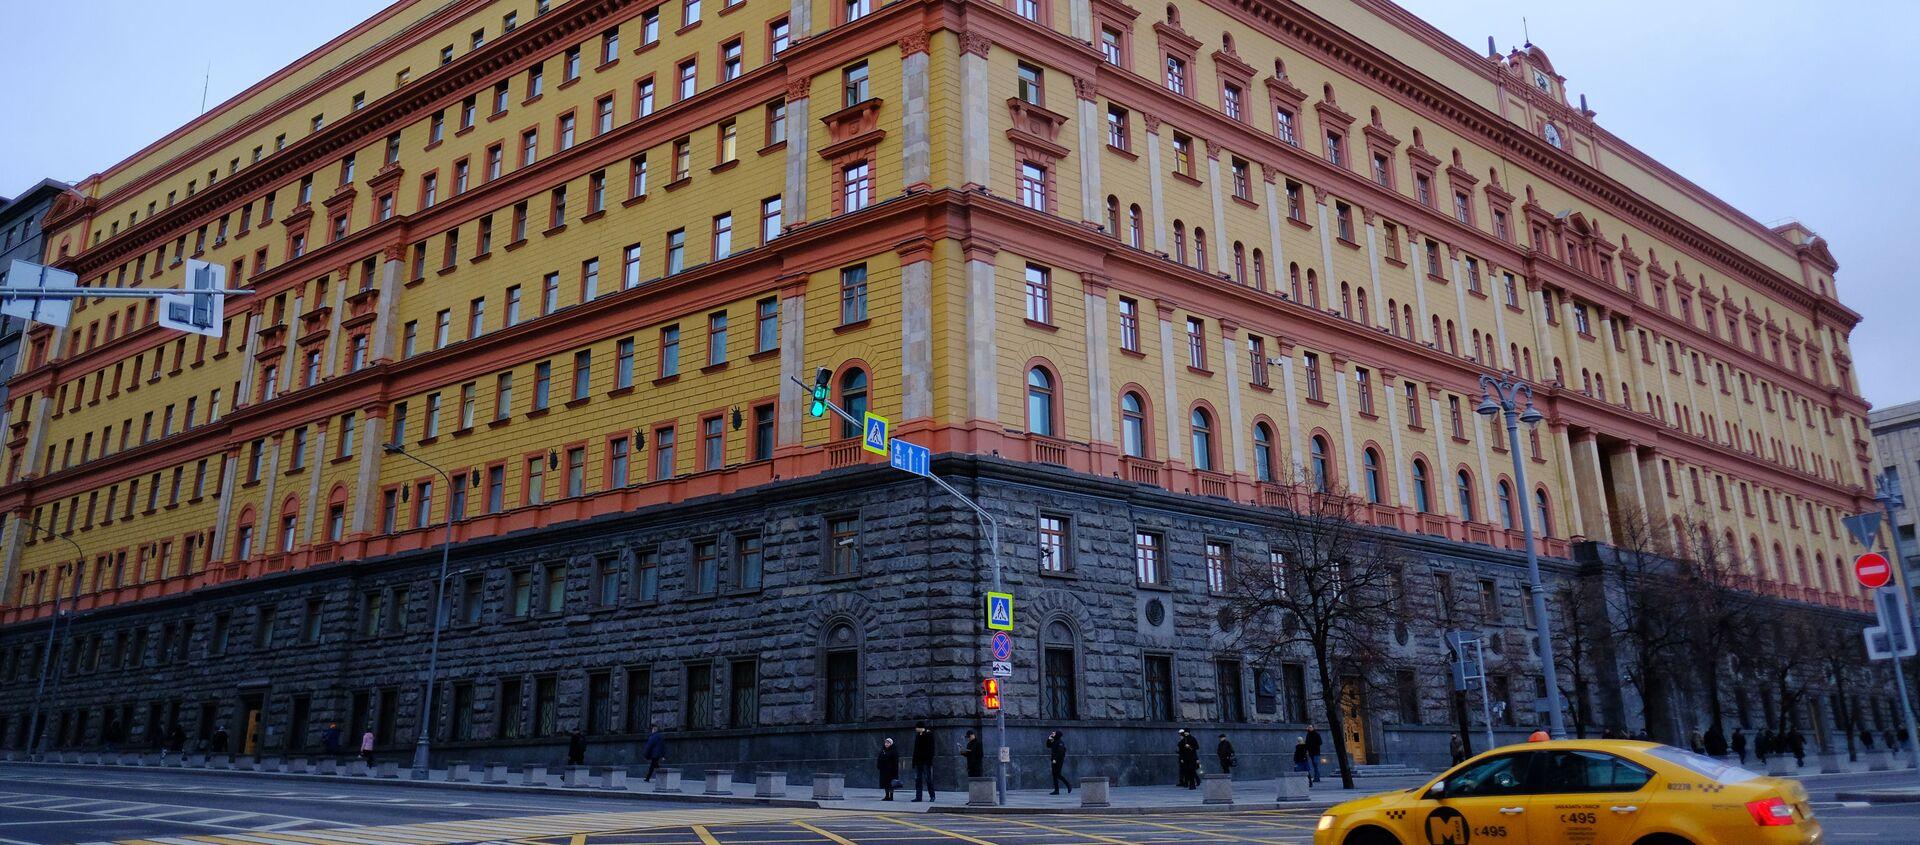 ロシア連邦保安庁の建物 - Sputnik 日本, 1920, 09.08.2021